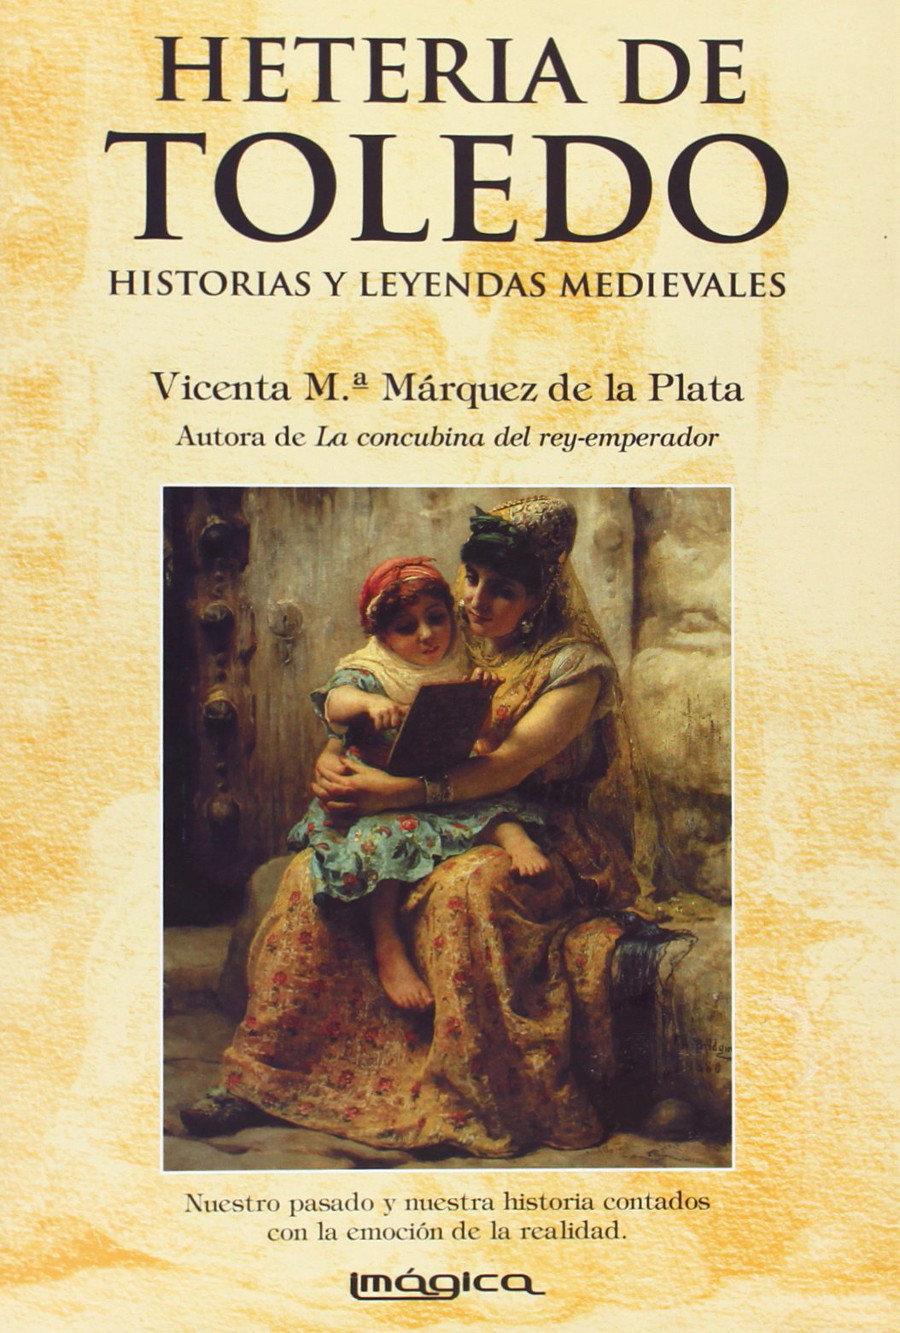 Heteria de Toledo Book Cover